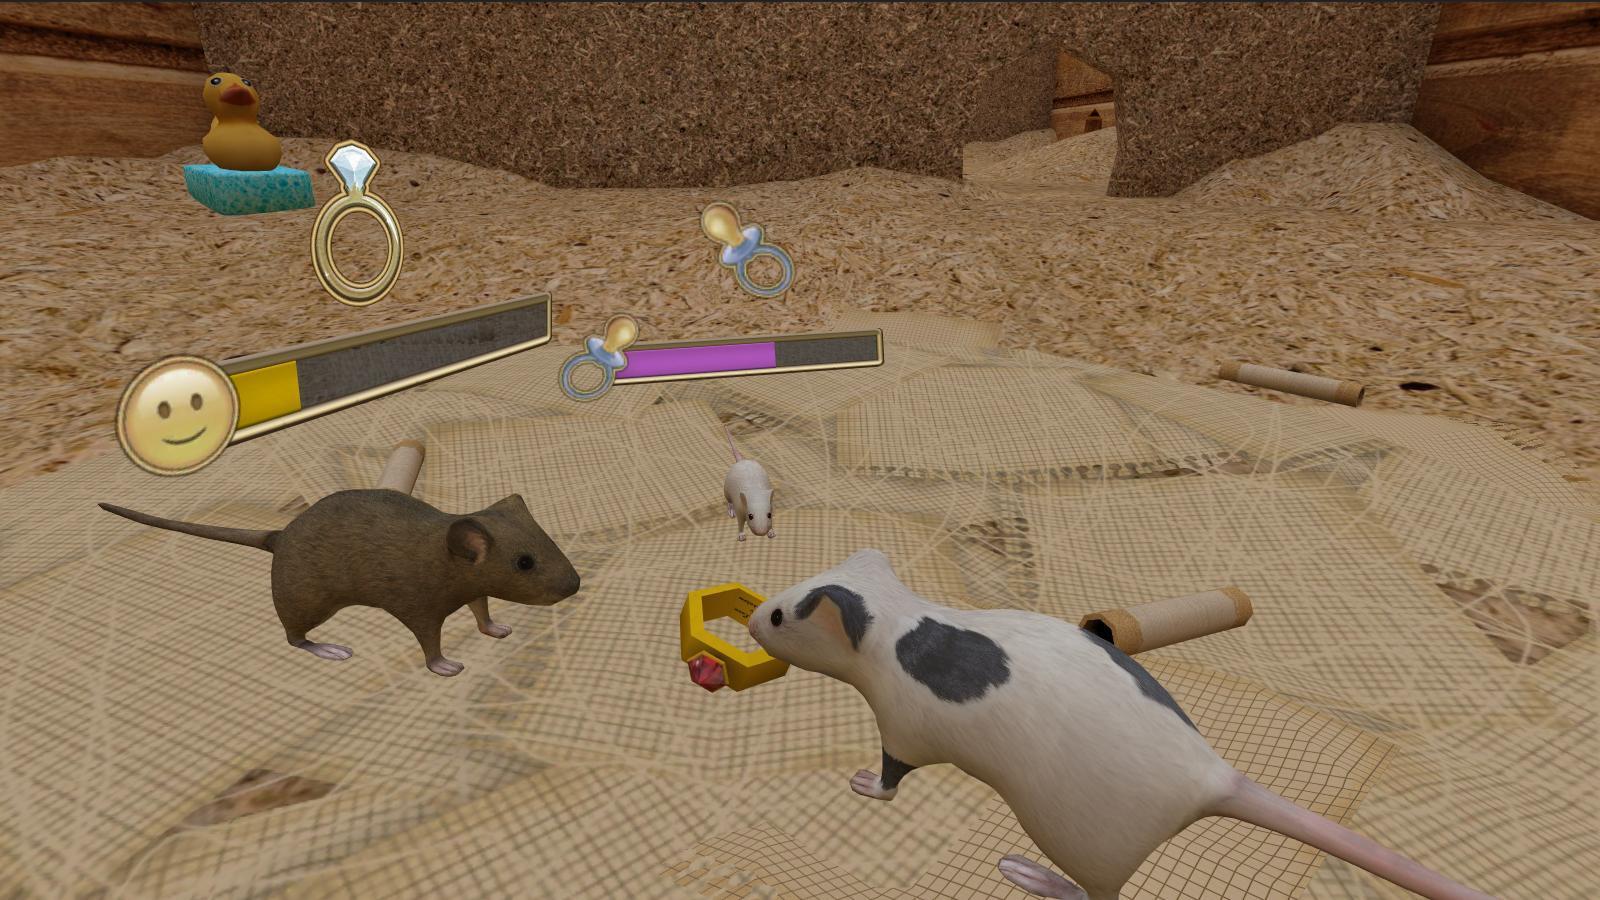 скачать игру симулятор мыши